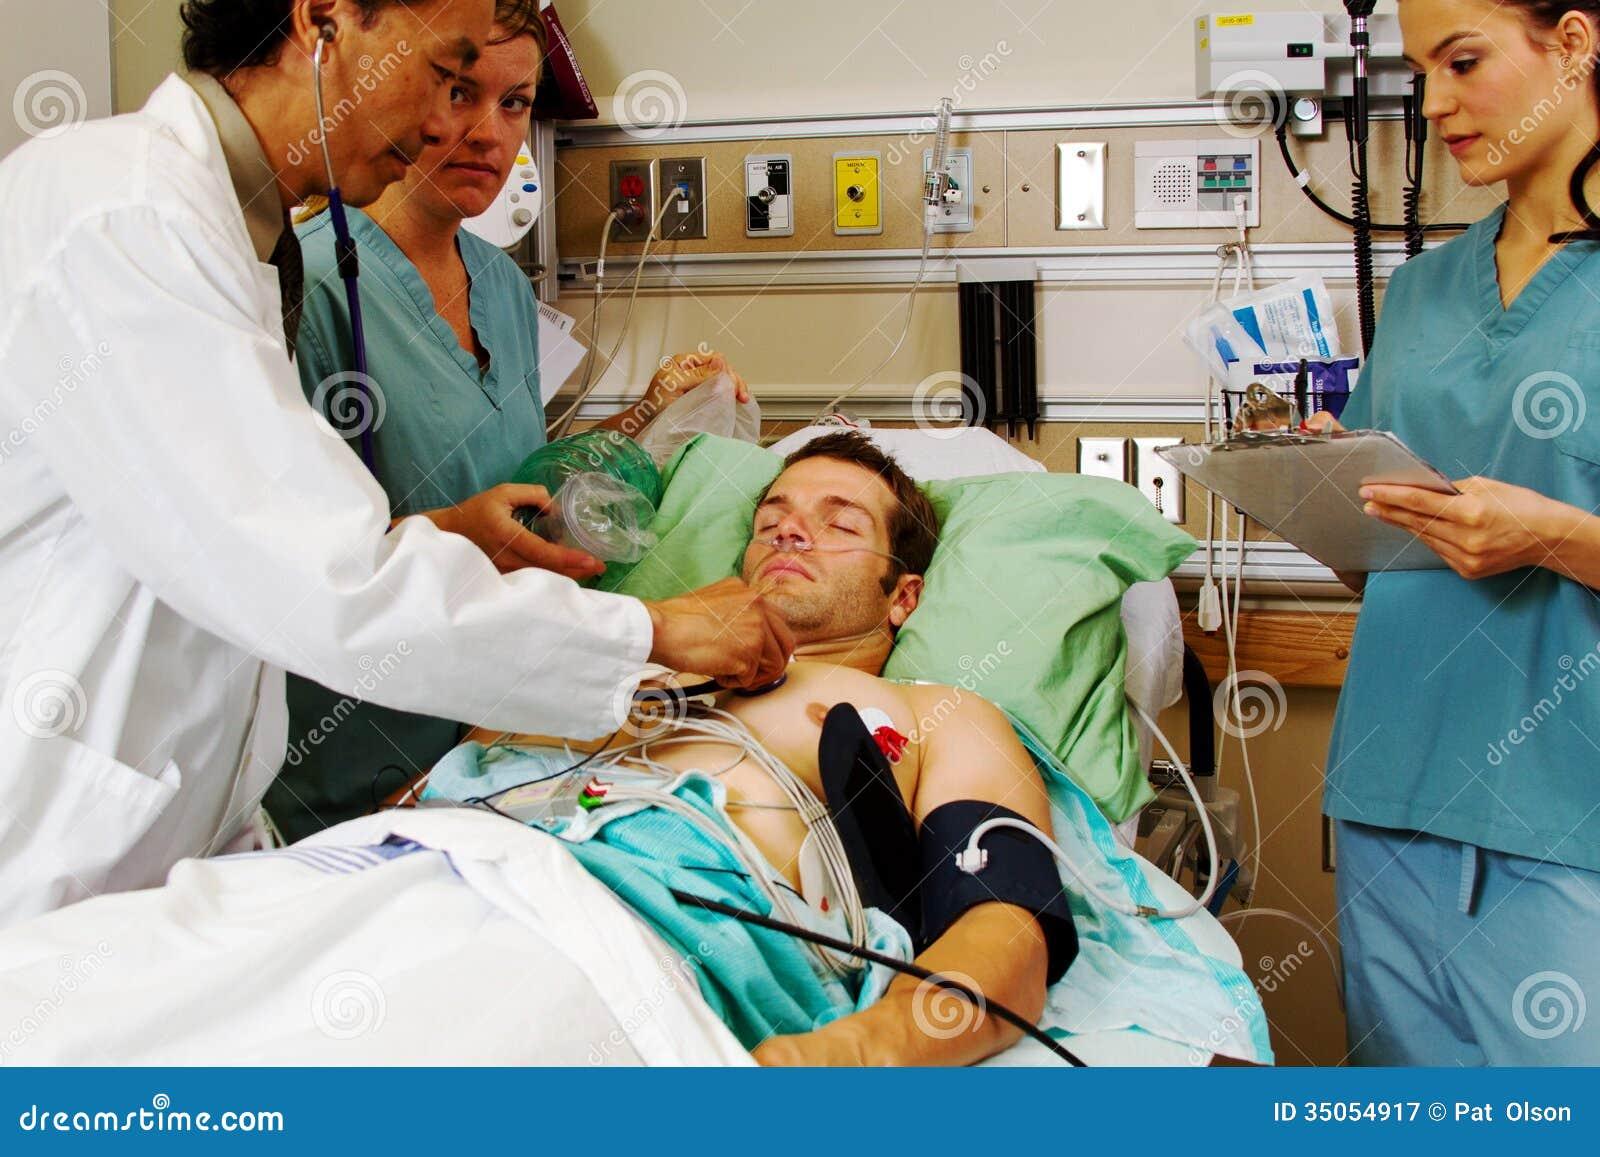 What Blood Pressure Emergency Room